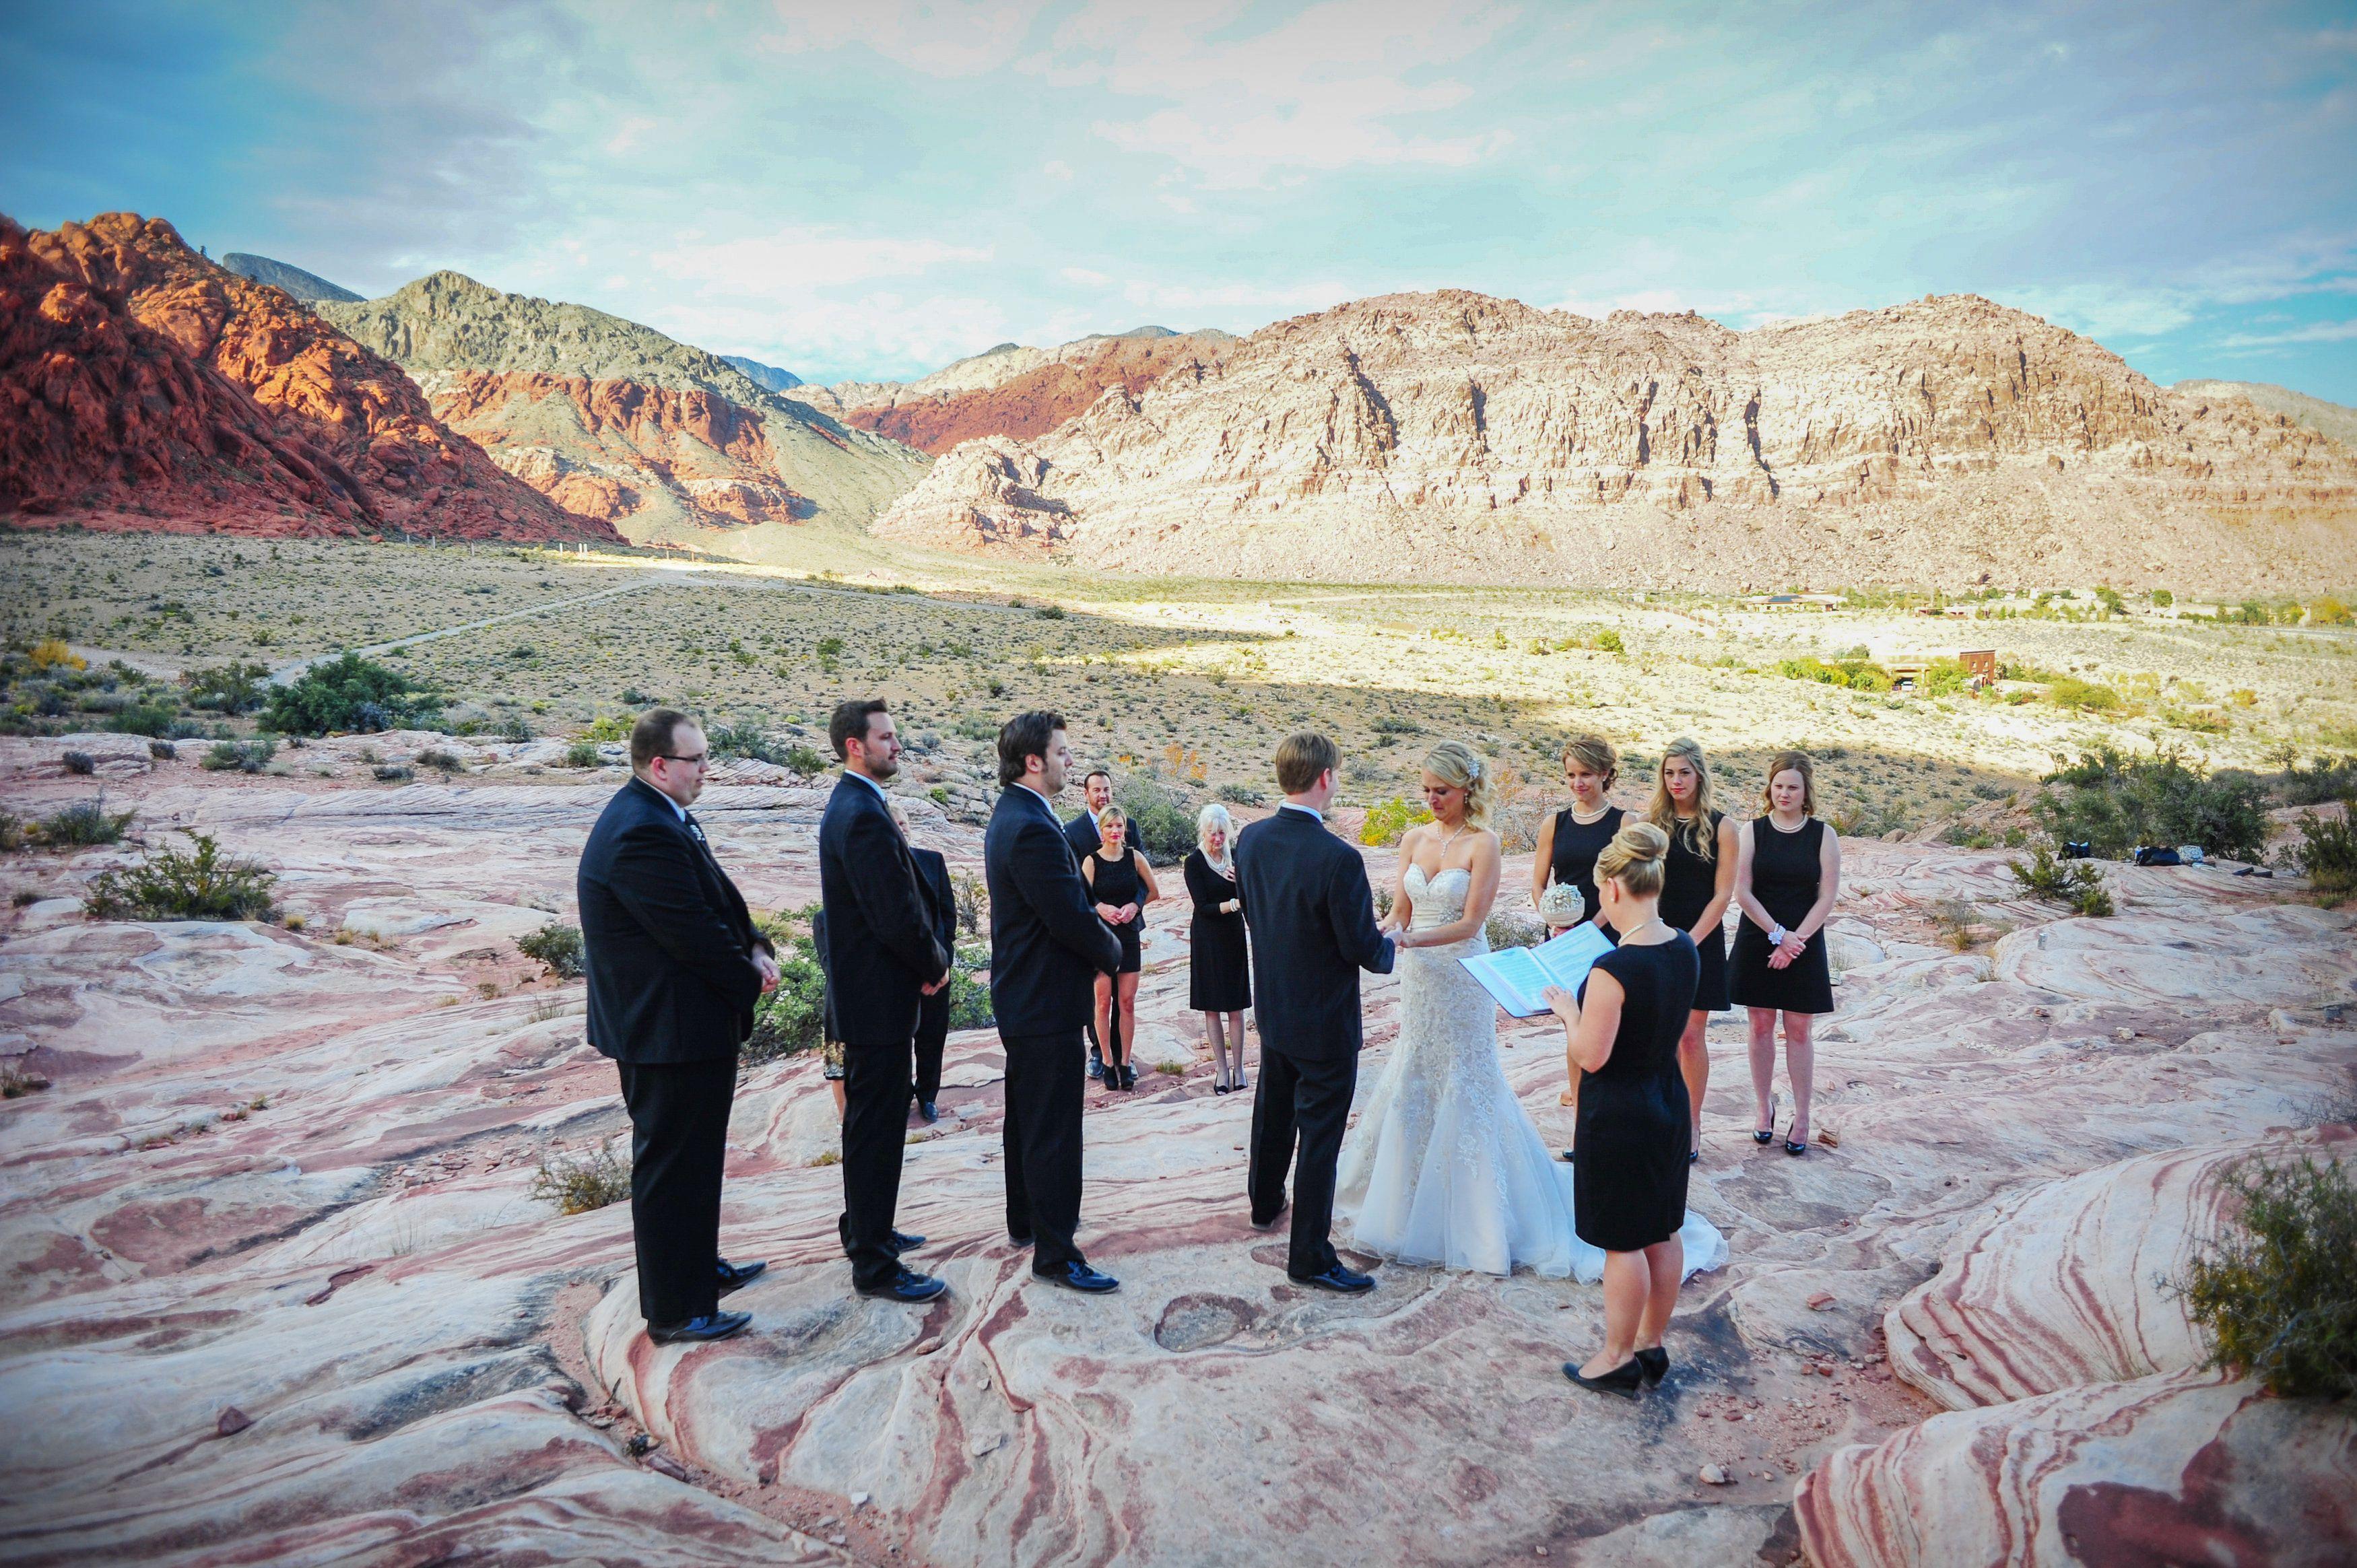 Red Rock Canyon Wedding Las Vegas Nv Vegaswedding Vegaselopement